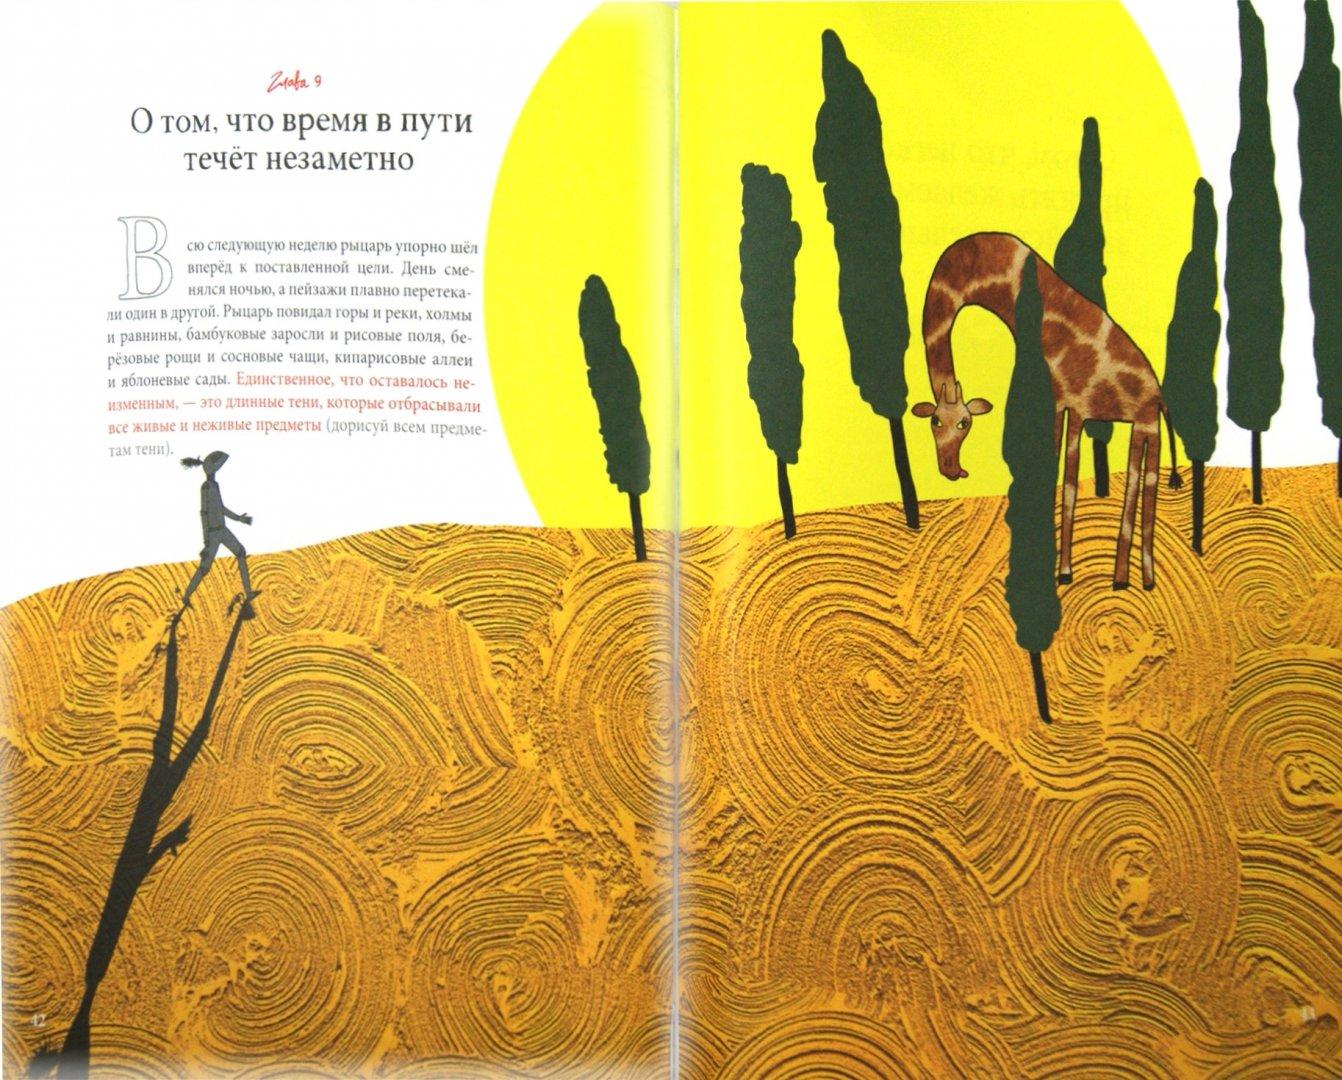 Иллюстрация 1 из 11 для Как однажды рыцарь... Книга иллюстратора - Грачева, Буянова | Лабиринт - книги. Источник: Лабиринт